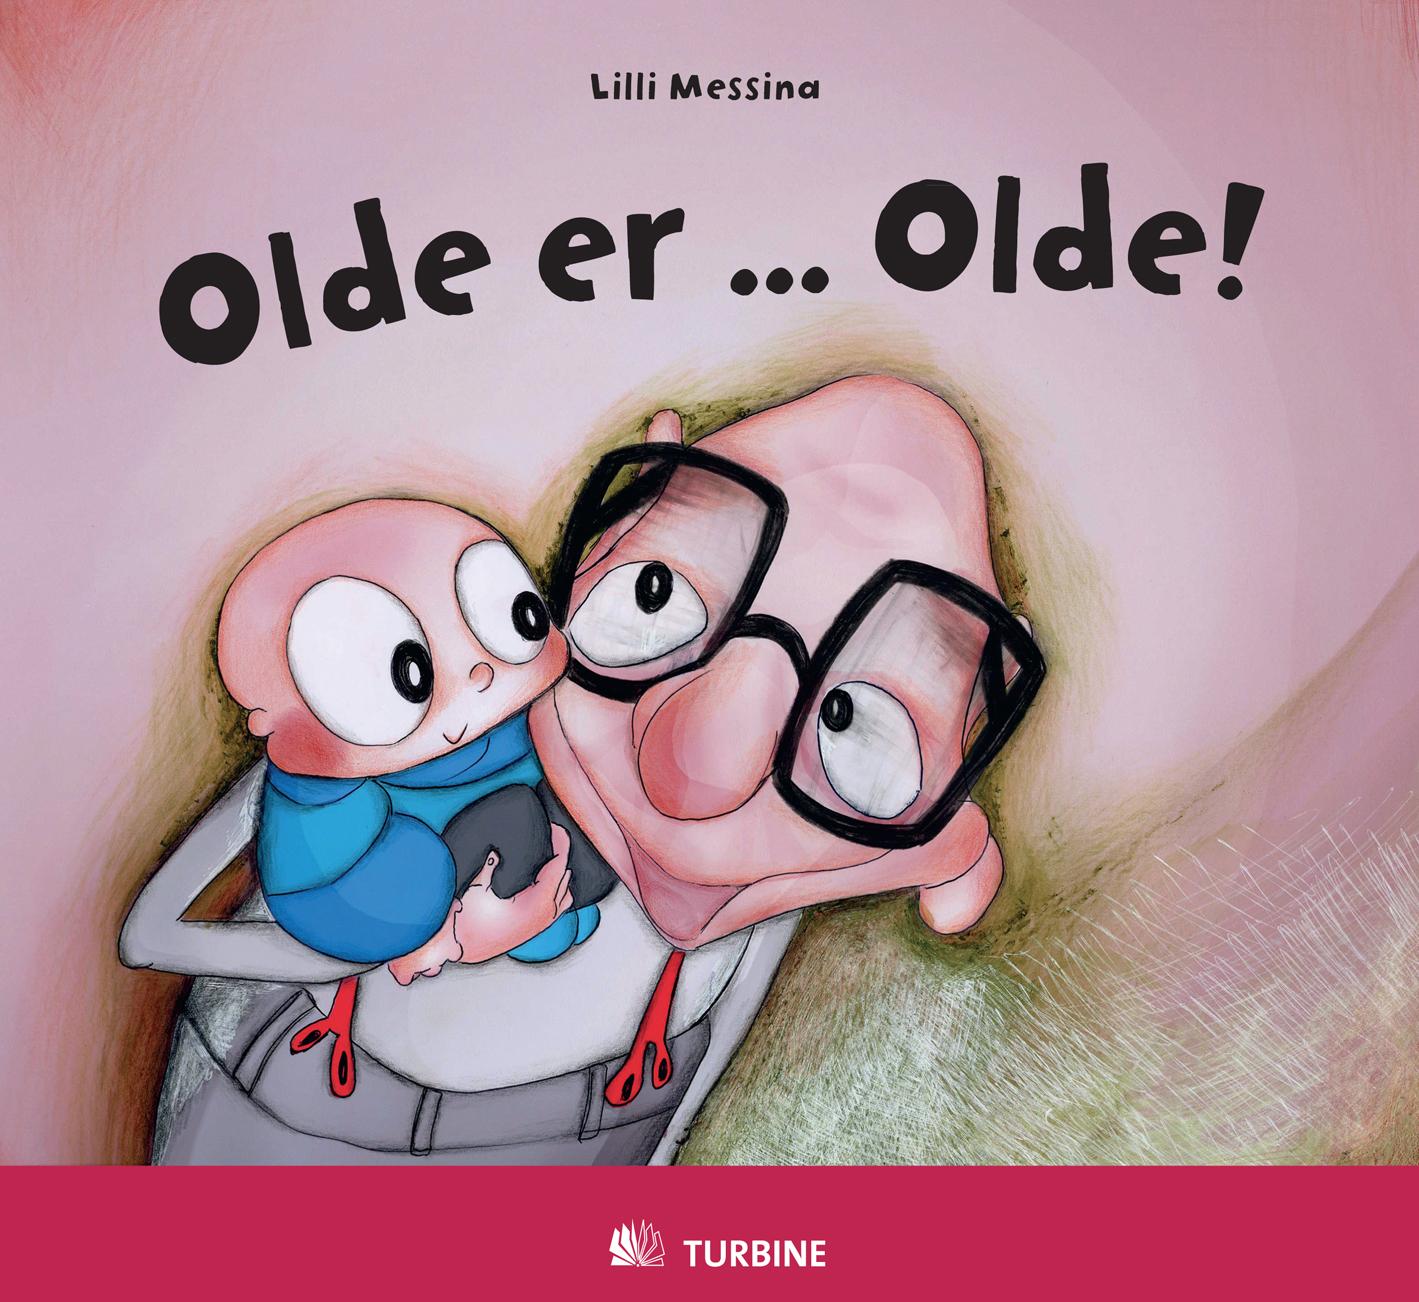 Olde er - Olde!